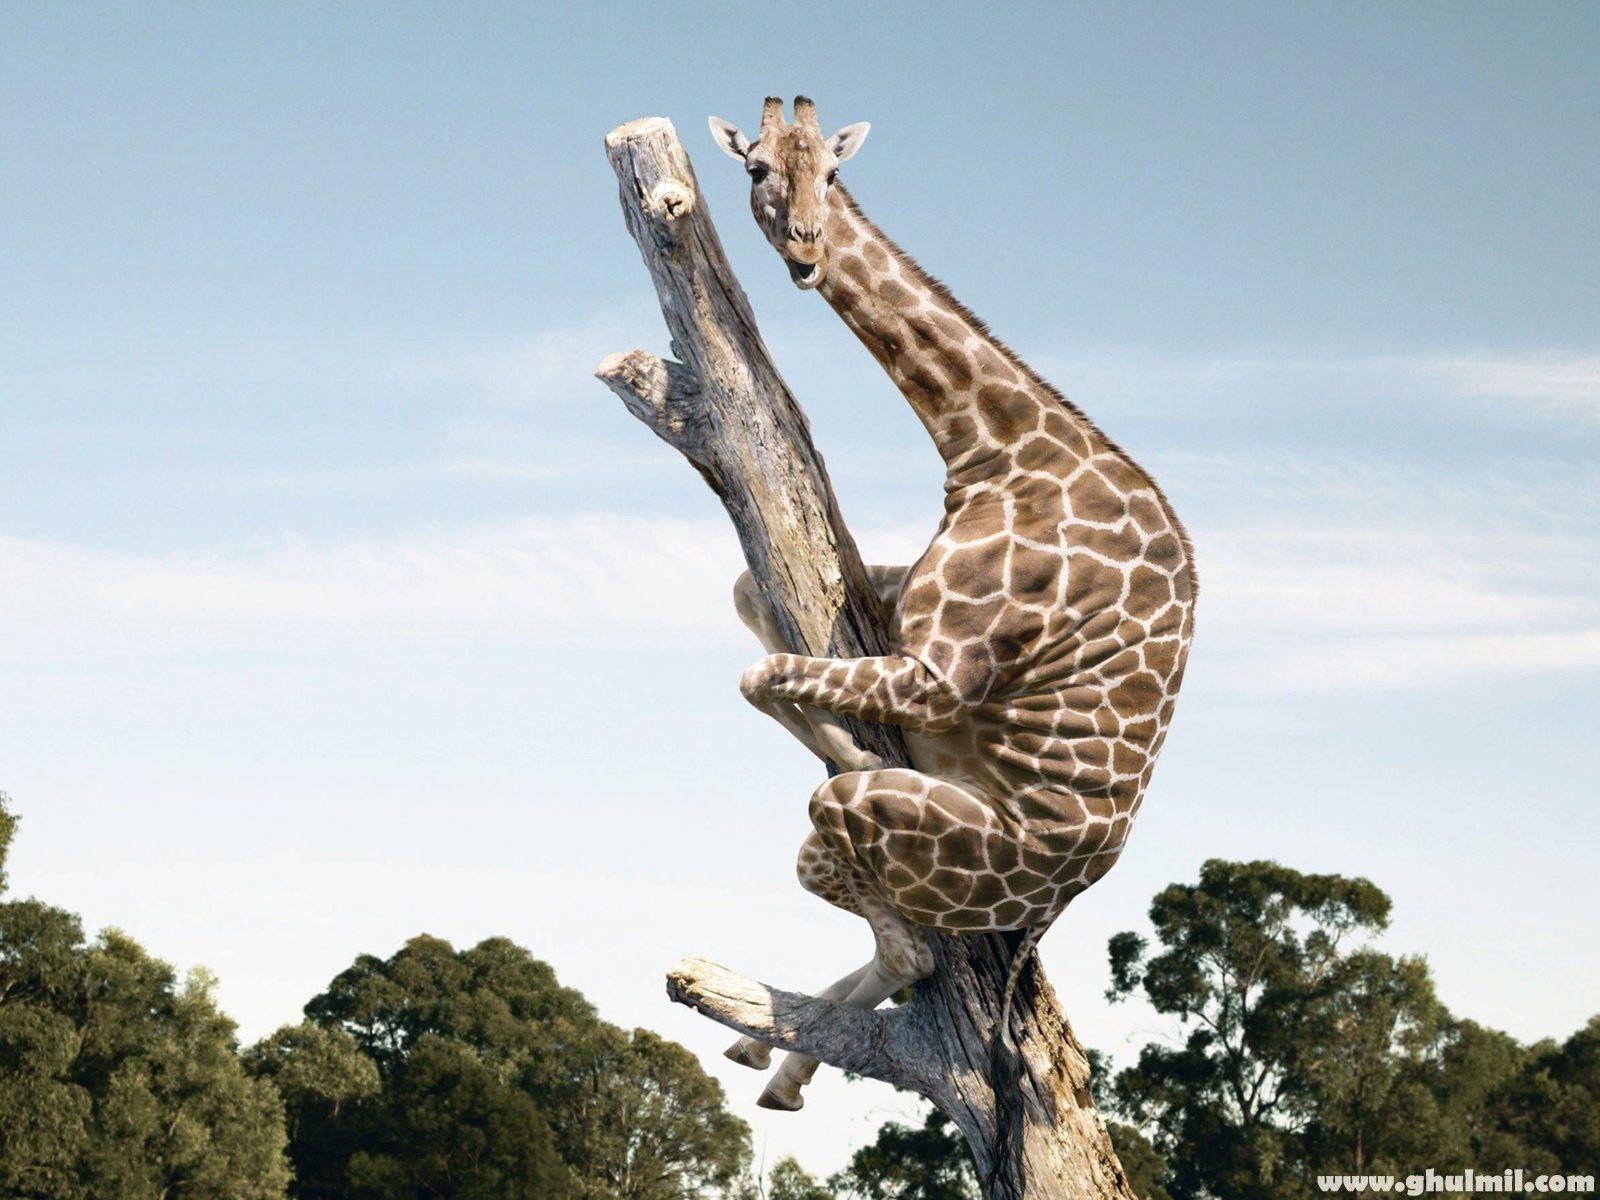 Giraffe Wallpapers Wallpaper